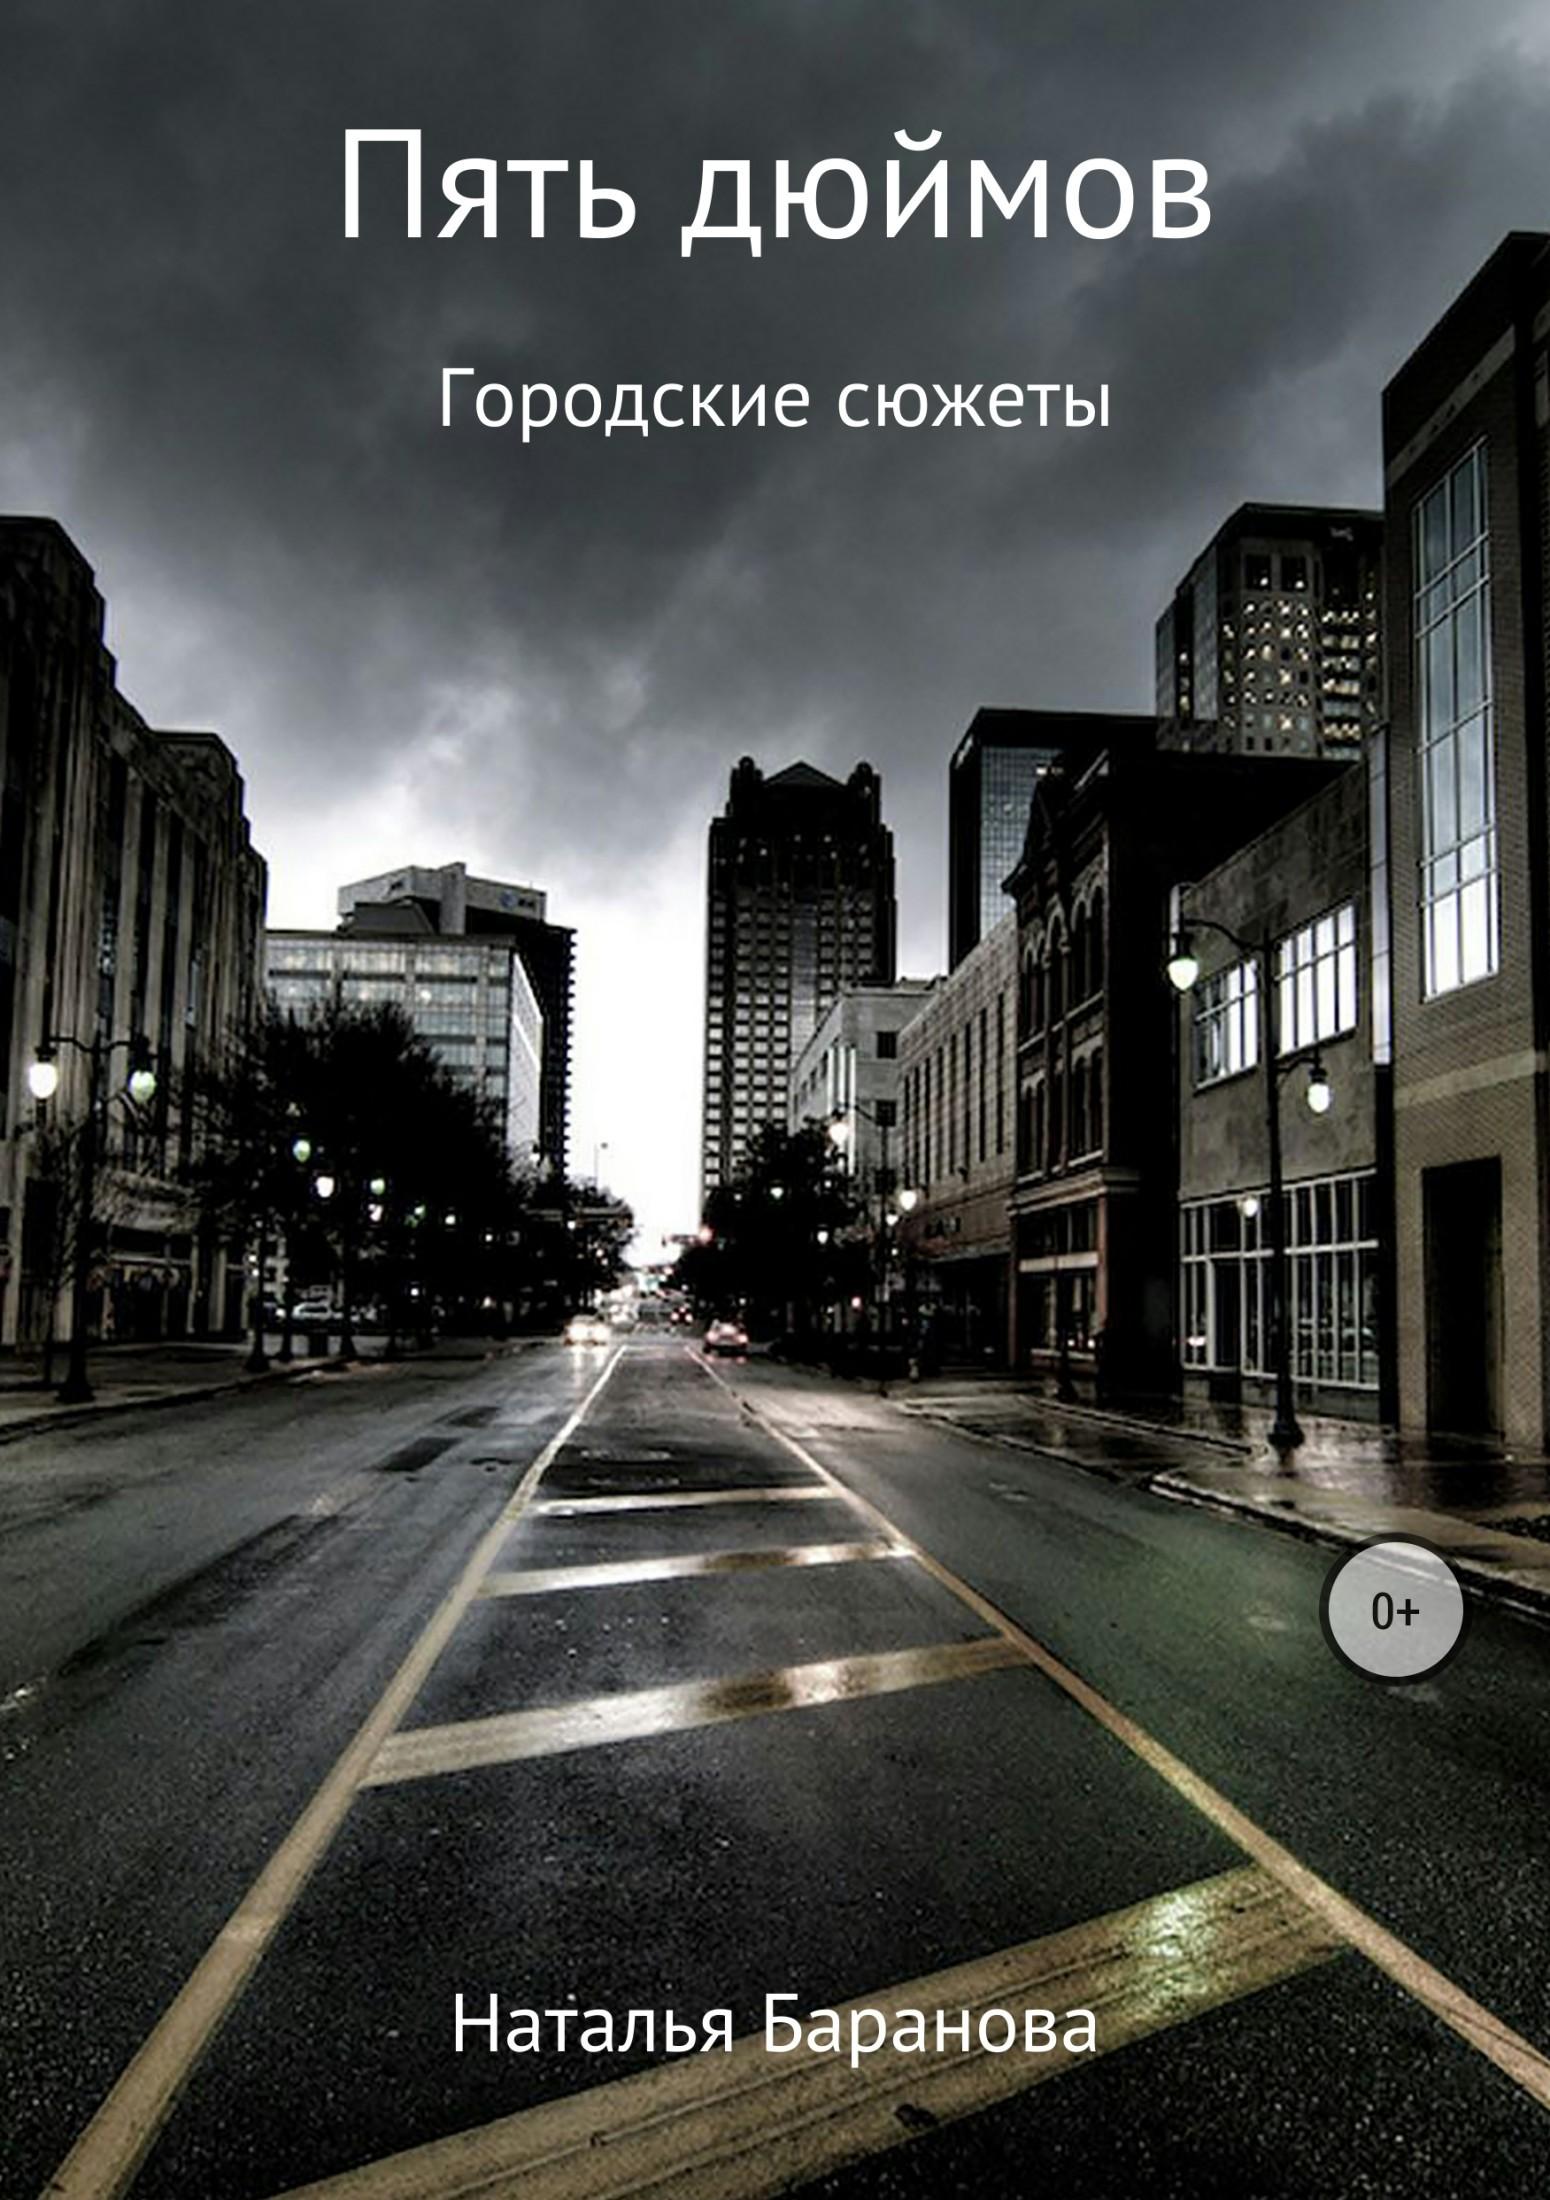 Наталья Юрьевна Баранова Пять дюймов ireader электронные книги 6 дюймов экрана